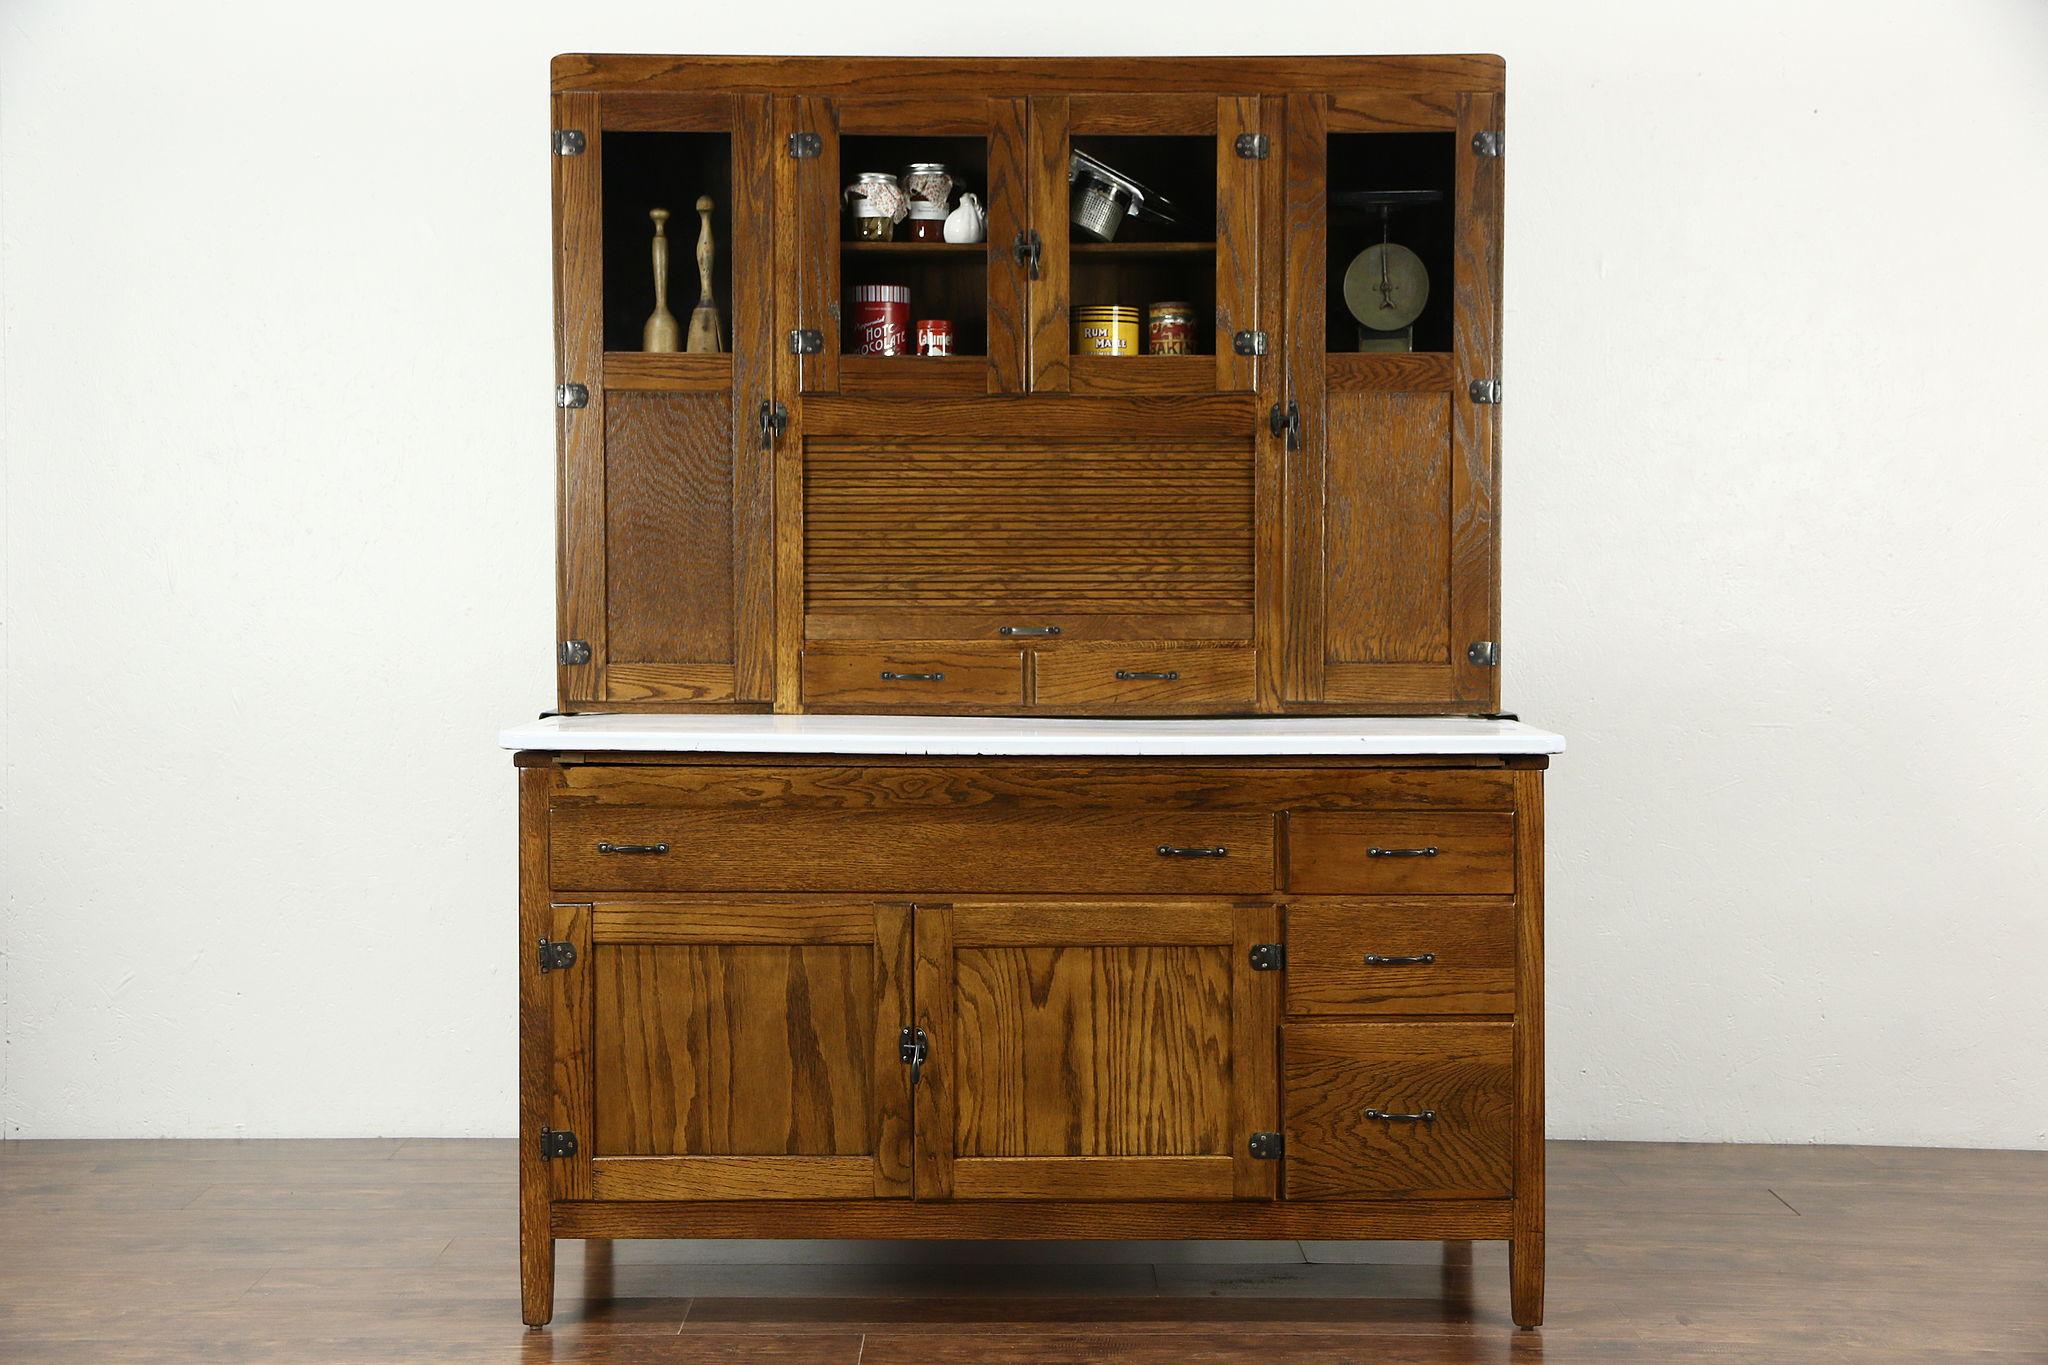 hoosier oak kitchen pantry cupboard roll top 1915 antique cabinet enamel top - Antique Cupboard